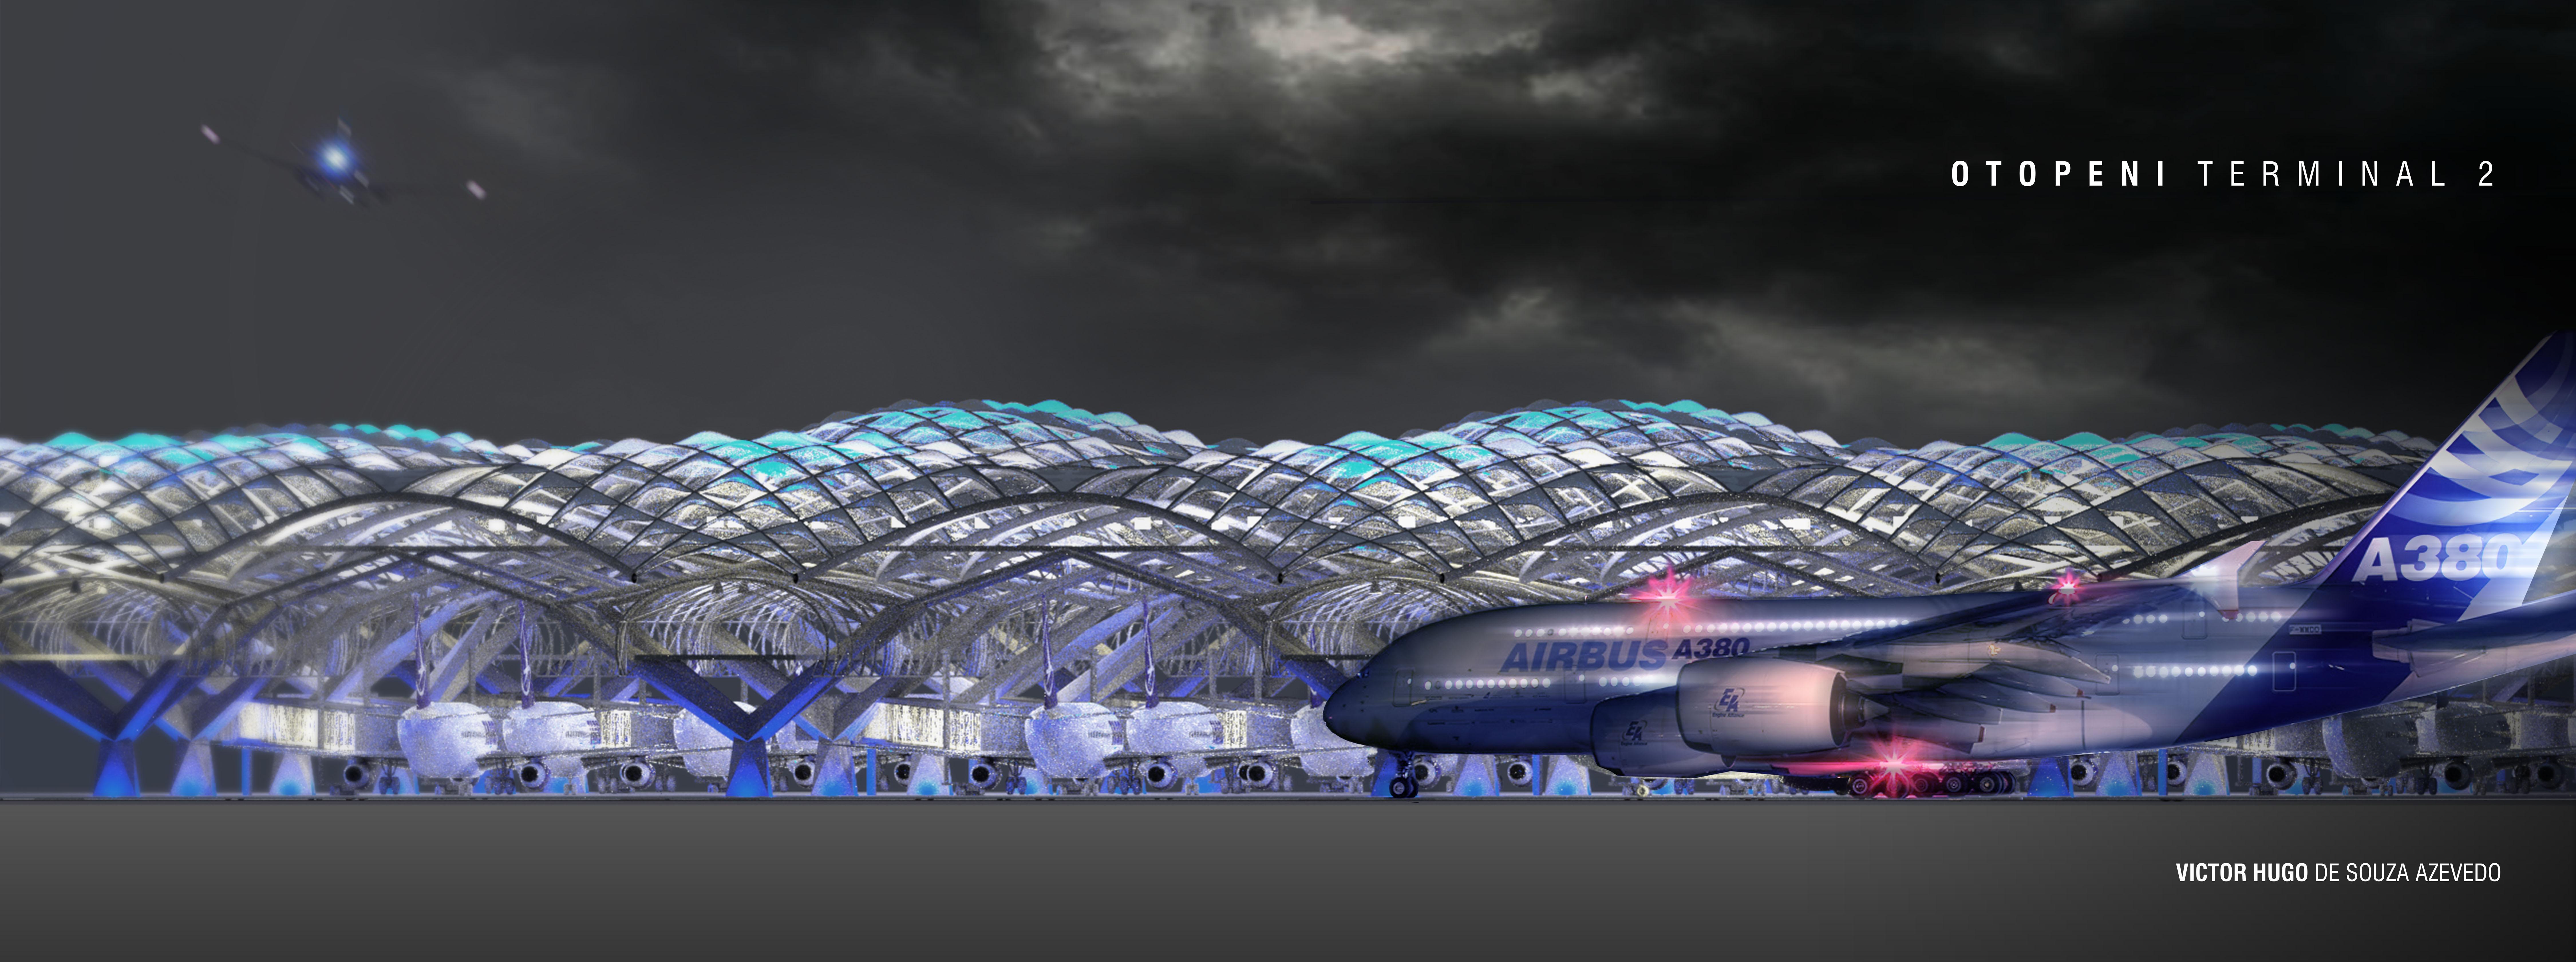 Otopeni Terminal 2